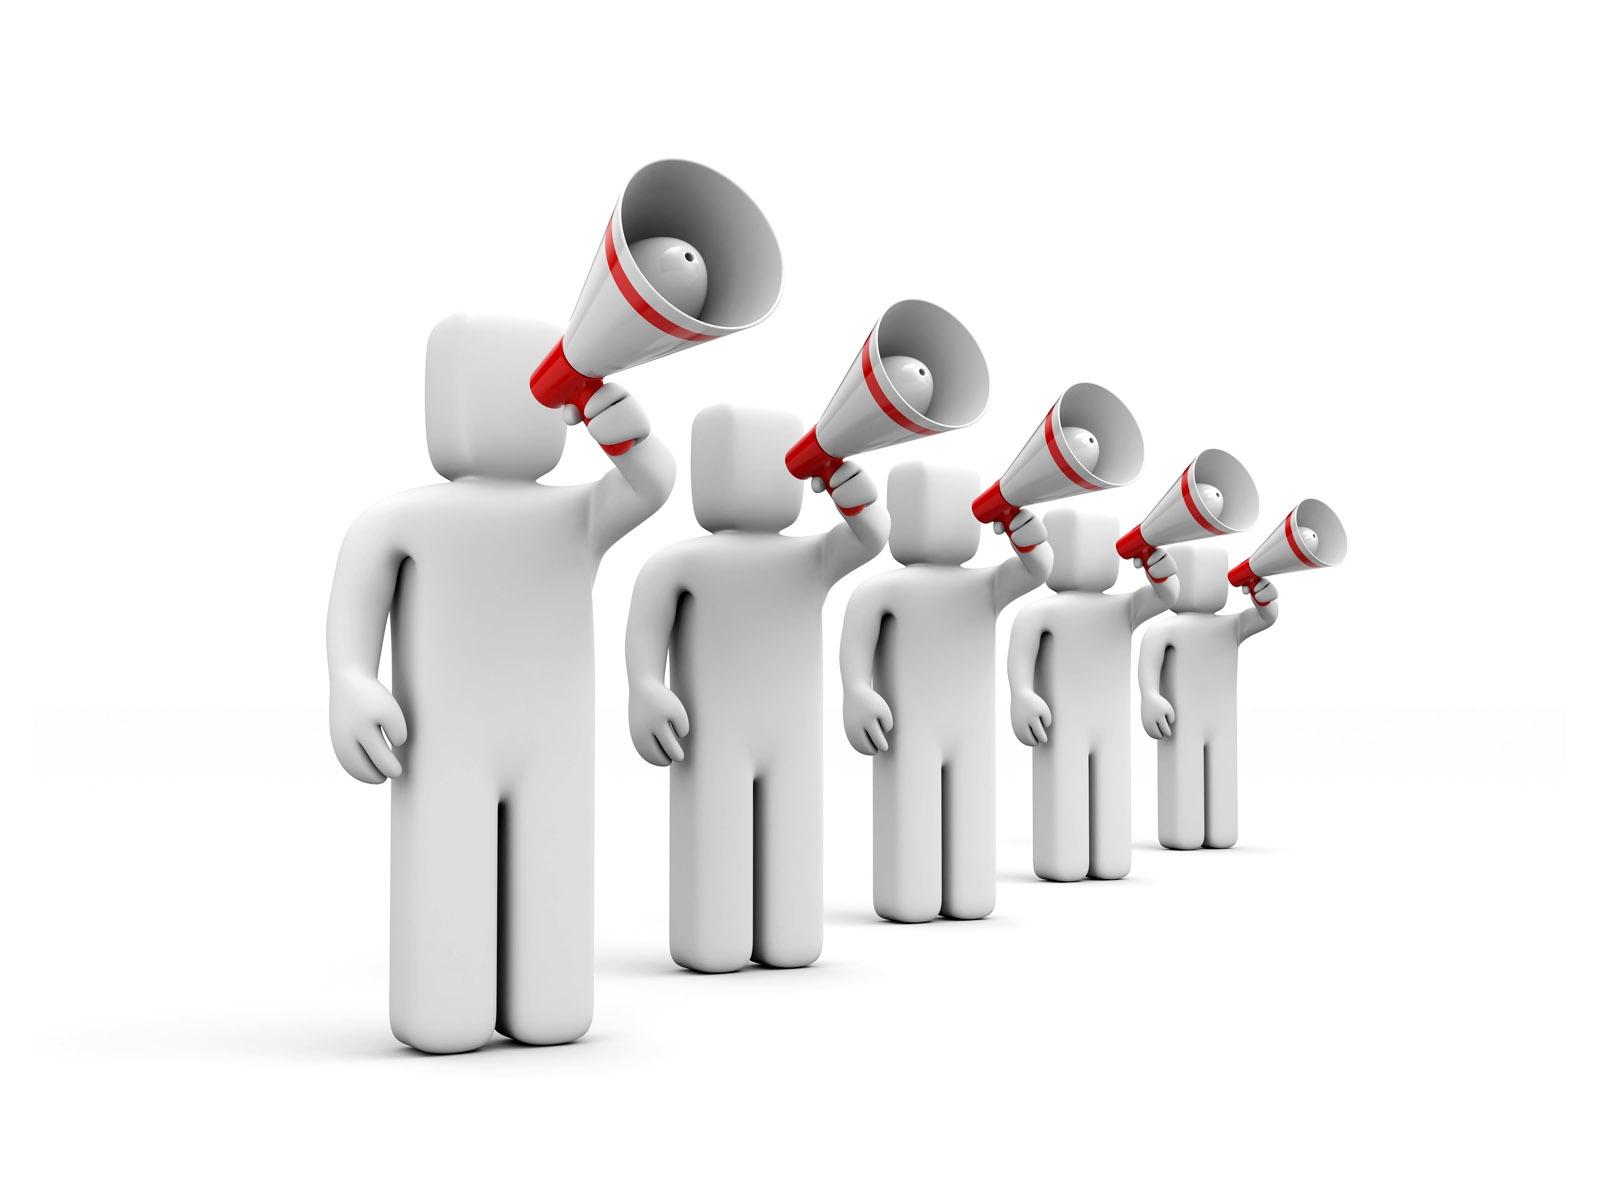 Конкурс на проведення інформаційних кампаній в ЗМІ, спрямованих на налагодження діалогу та порозуміння в суспільстві